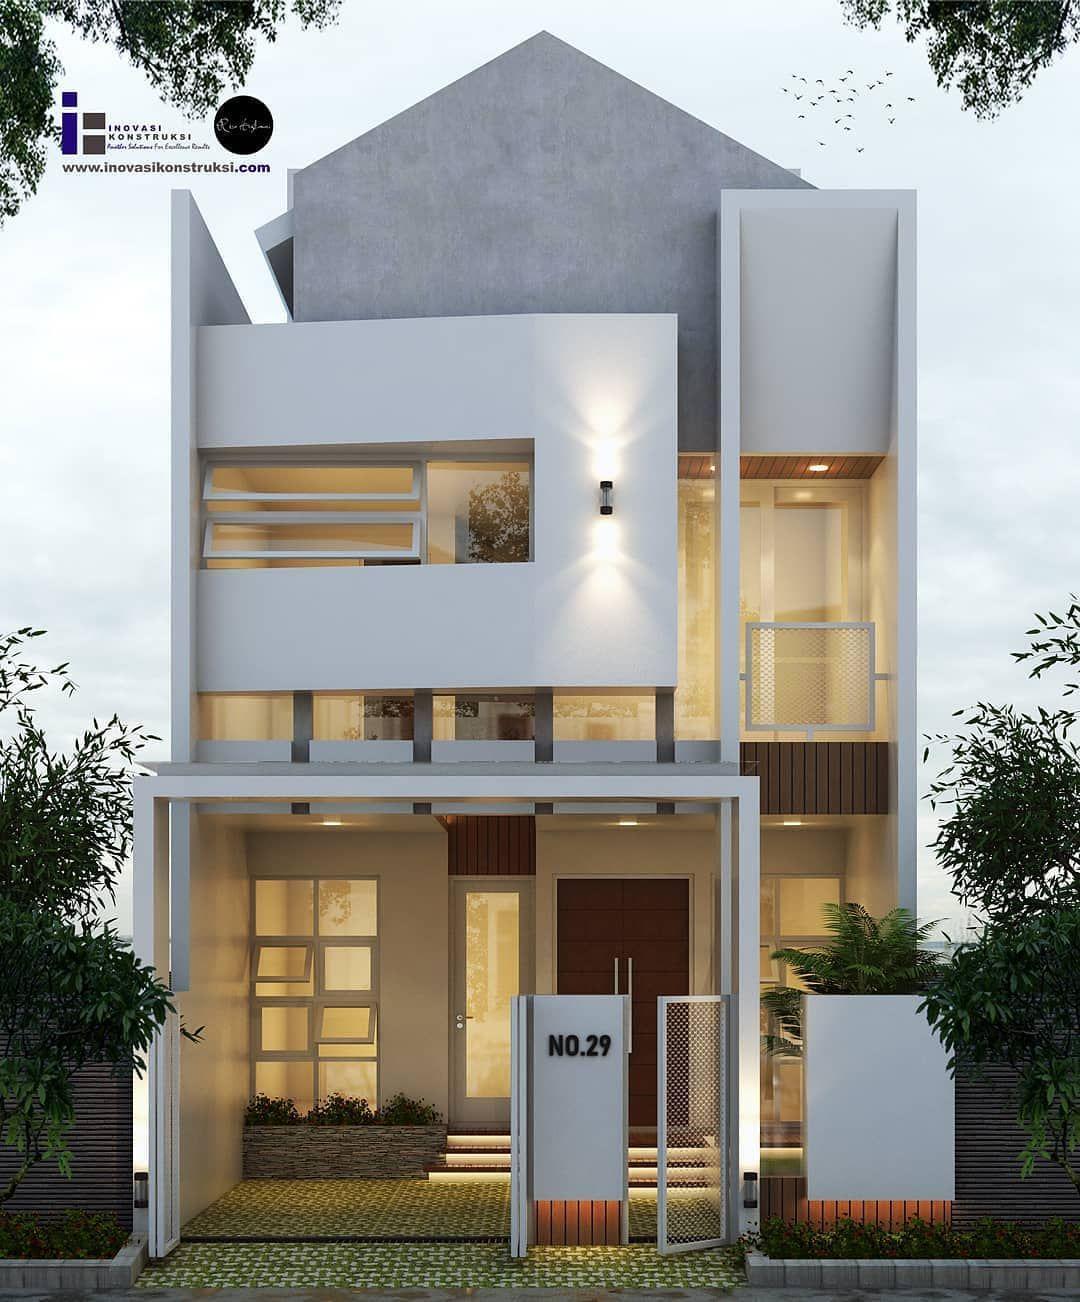 13 Model Rumah Minimalis Terbaru 2020 Lengkap Dekor Rumah Rumah Minimalis Home Fashion Rumah Industri